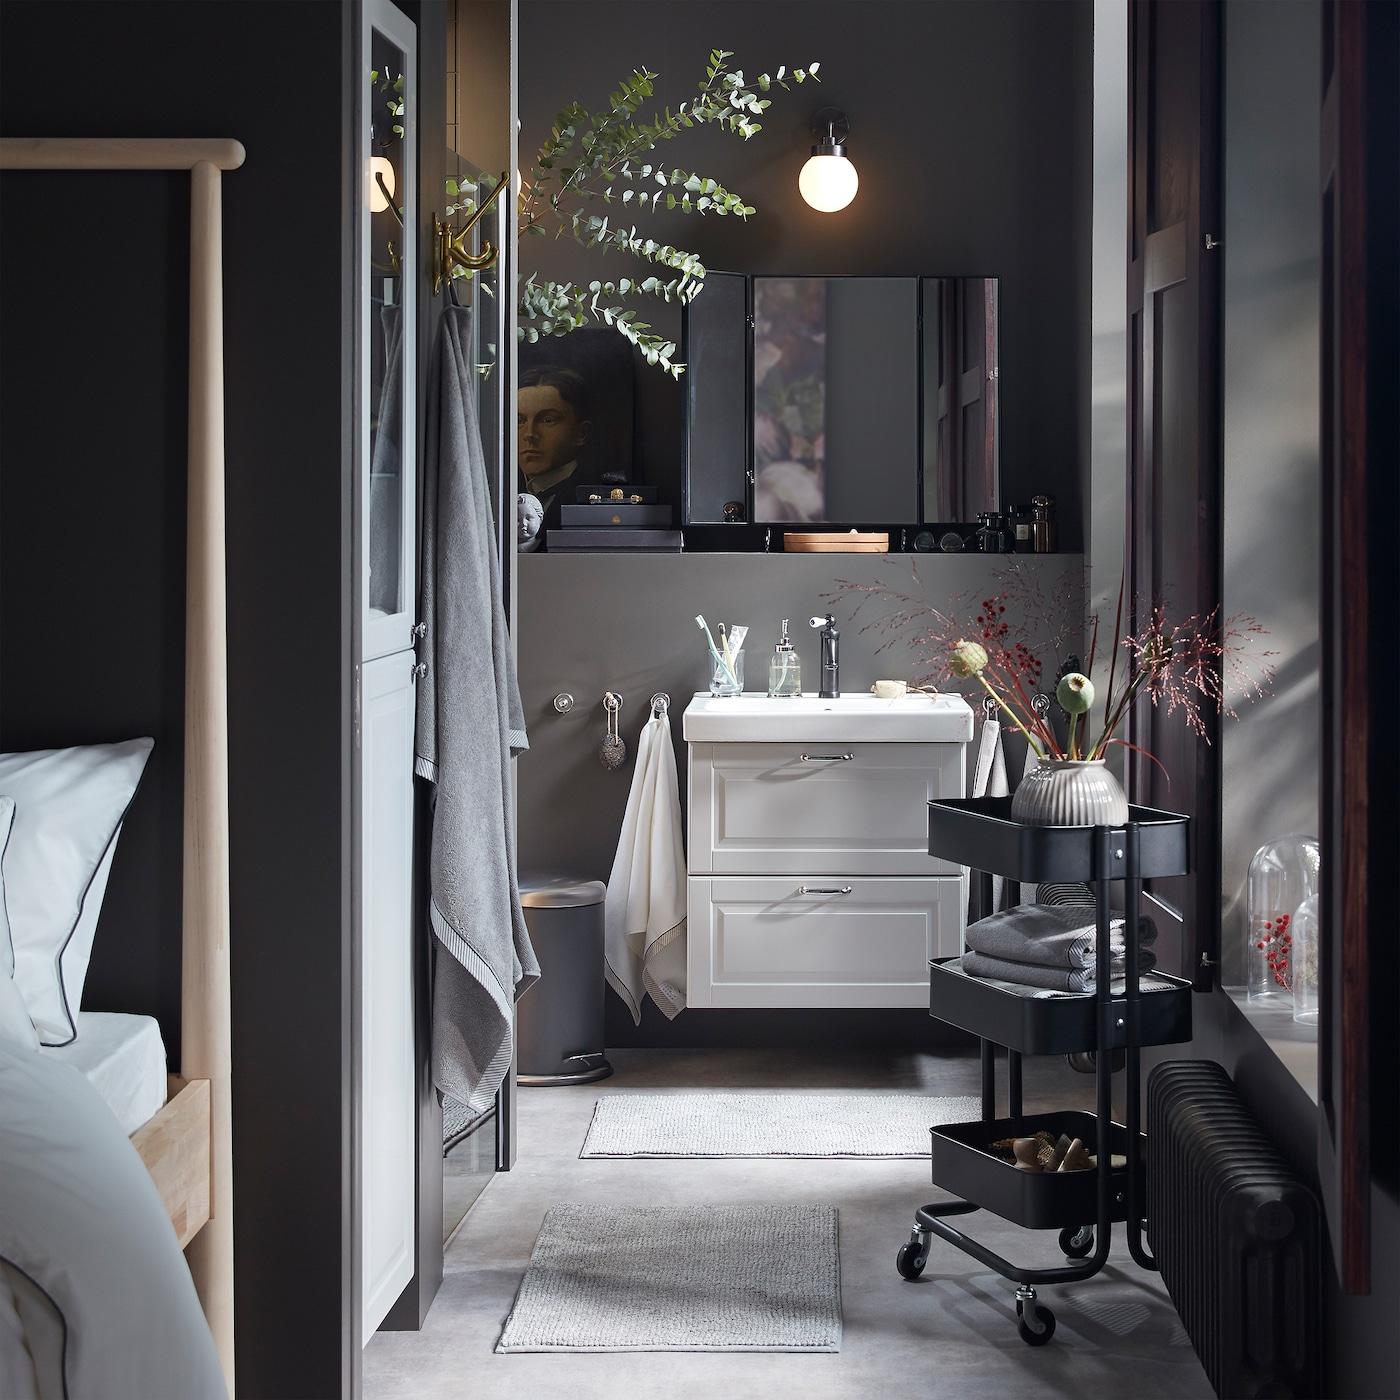 Ванная в серой цветовой гамме: шкаф под раковину и высокий шкаф светло-серого цвета, черная тележка и обилие декоративных сухих цветов.